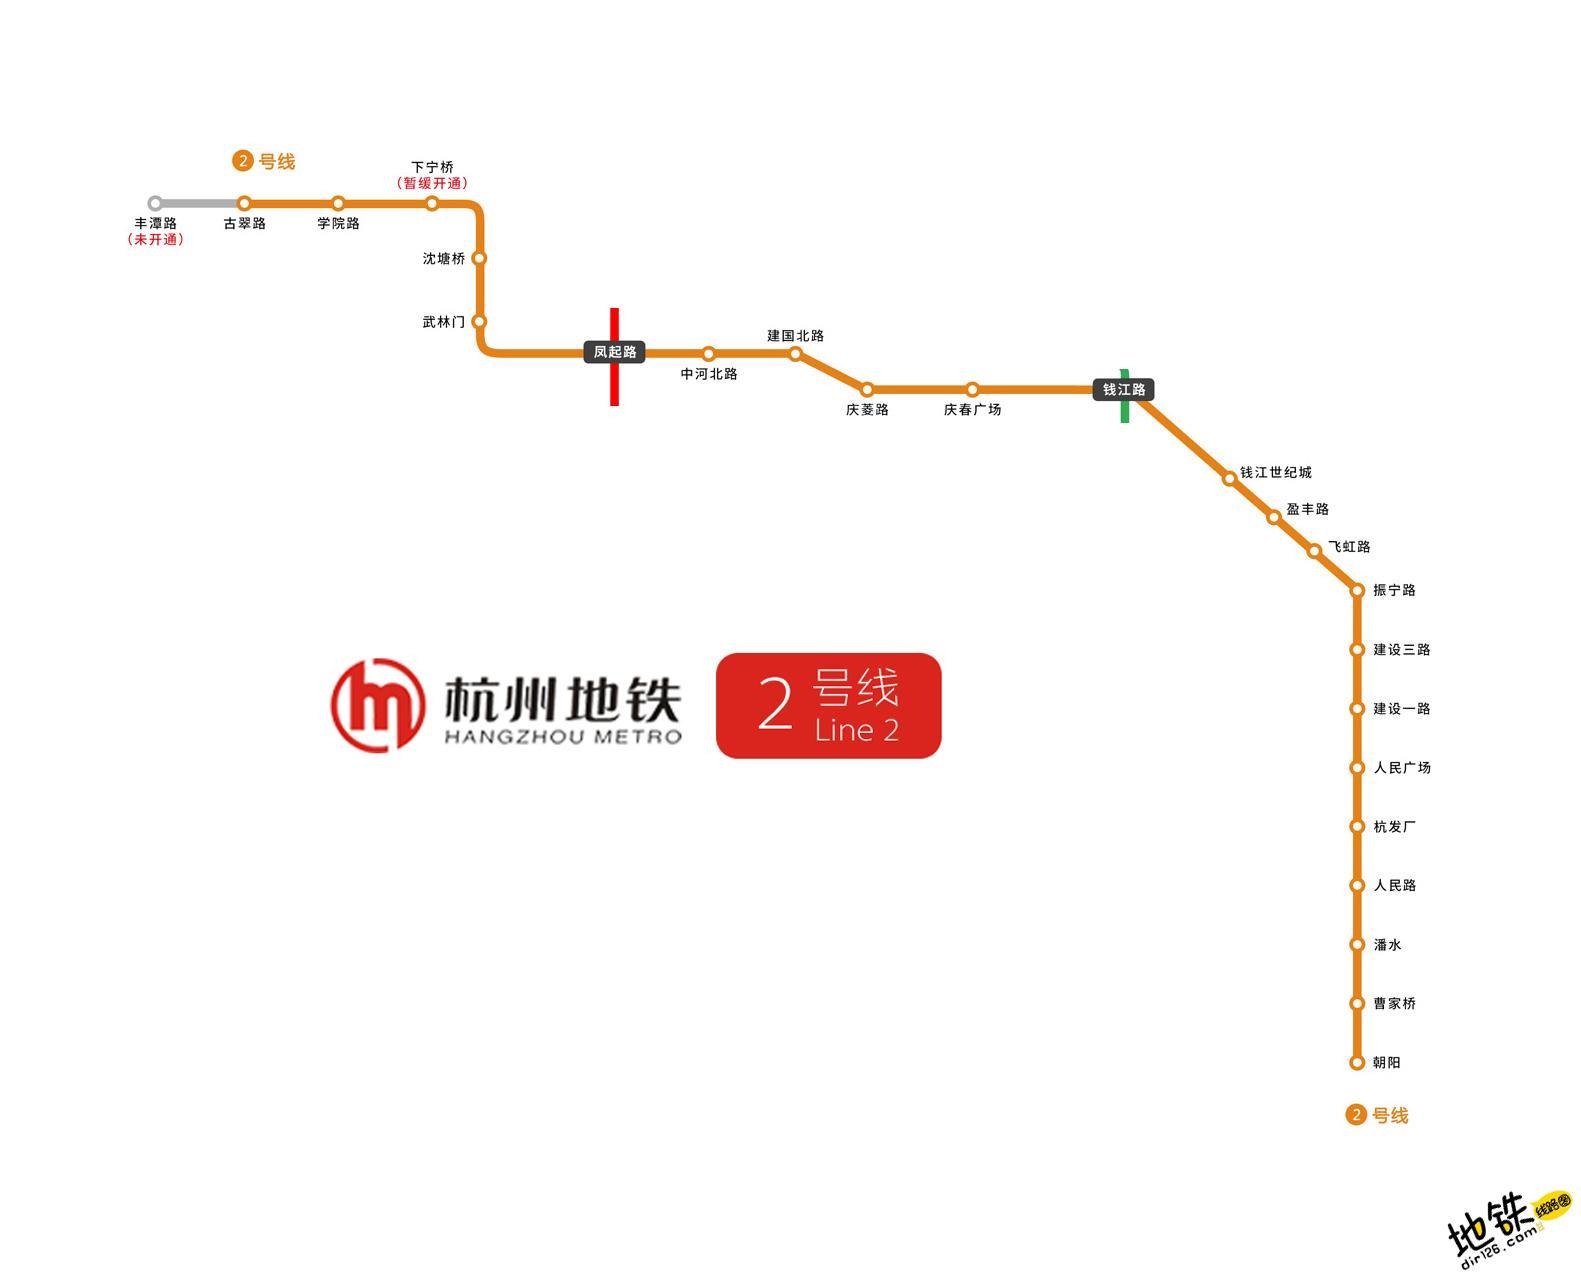 杭州地铁2号线线路图 运营时间票价站点 查询下载 杭州地铁2号线查询 杭州地铁2号线运营时间 杭州地铁2号线线路图 杭州地铁2号线 杭州地铁二号线 杭州地铁线路图  第2张